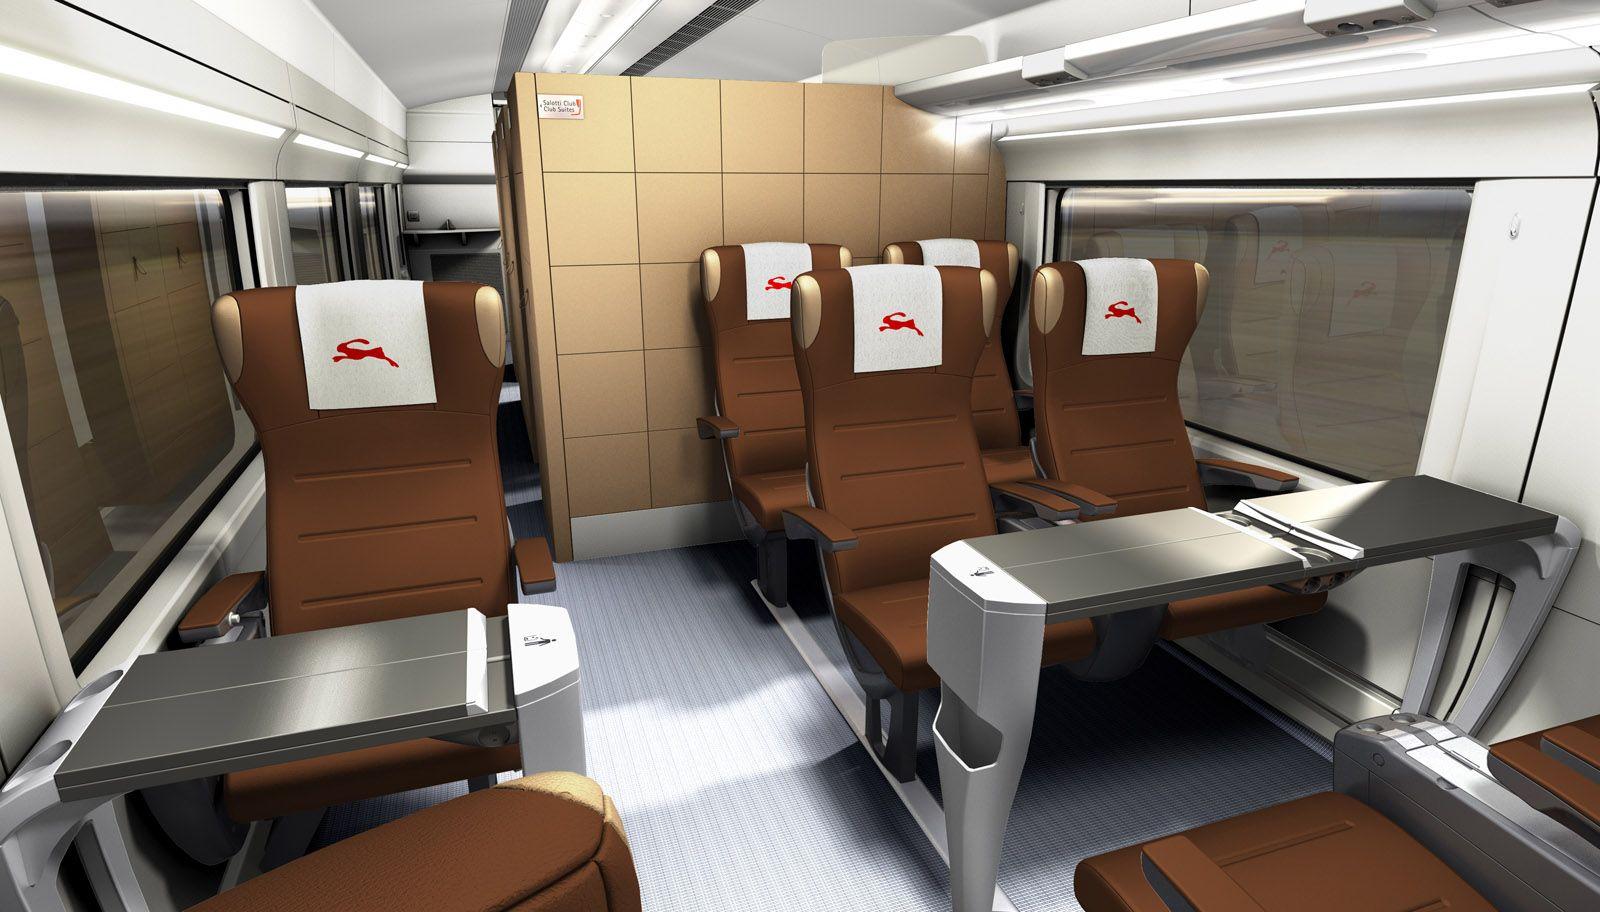 Italo A Component Of Giugiaro Design Transport Division S